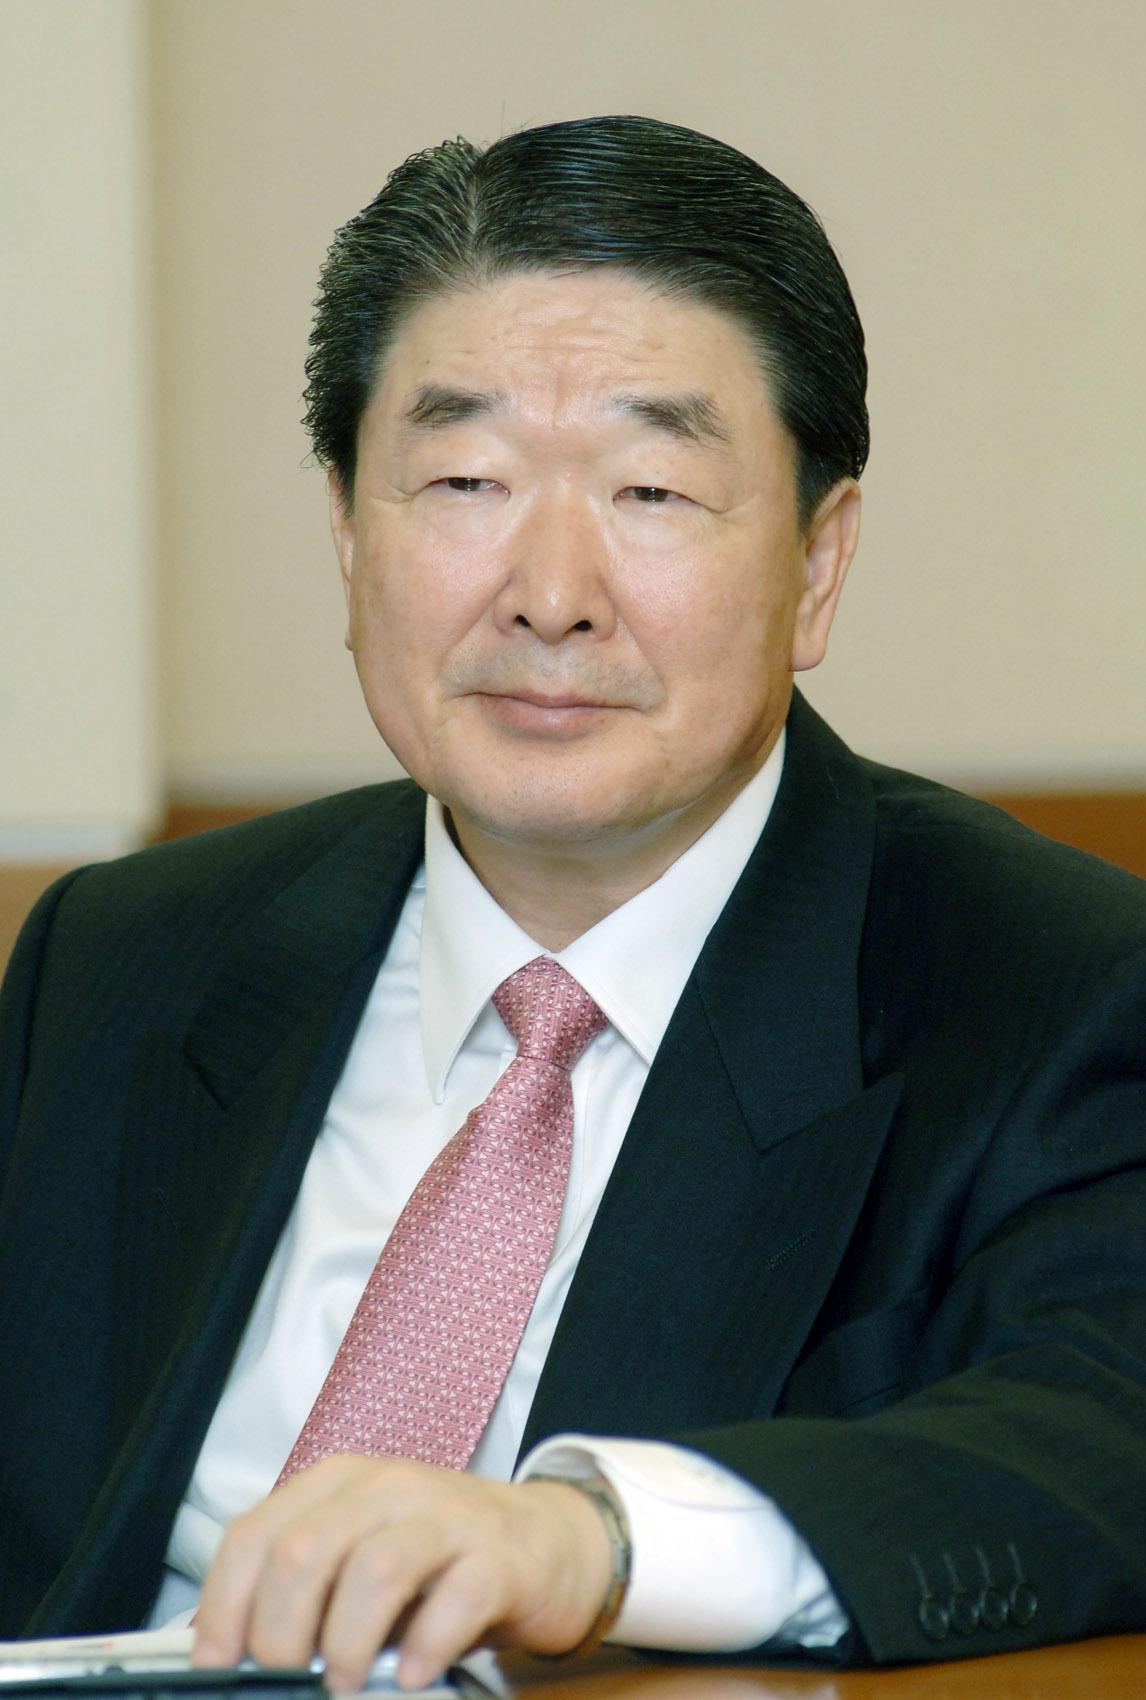 Koo Bon-joon (LG Corp.)